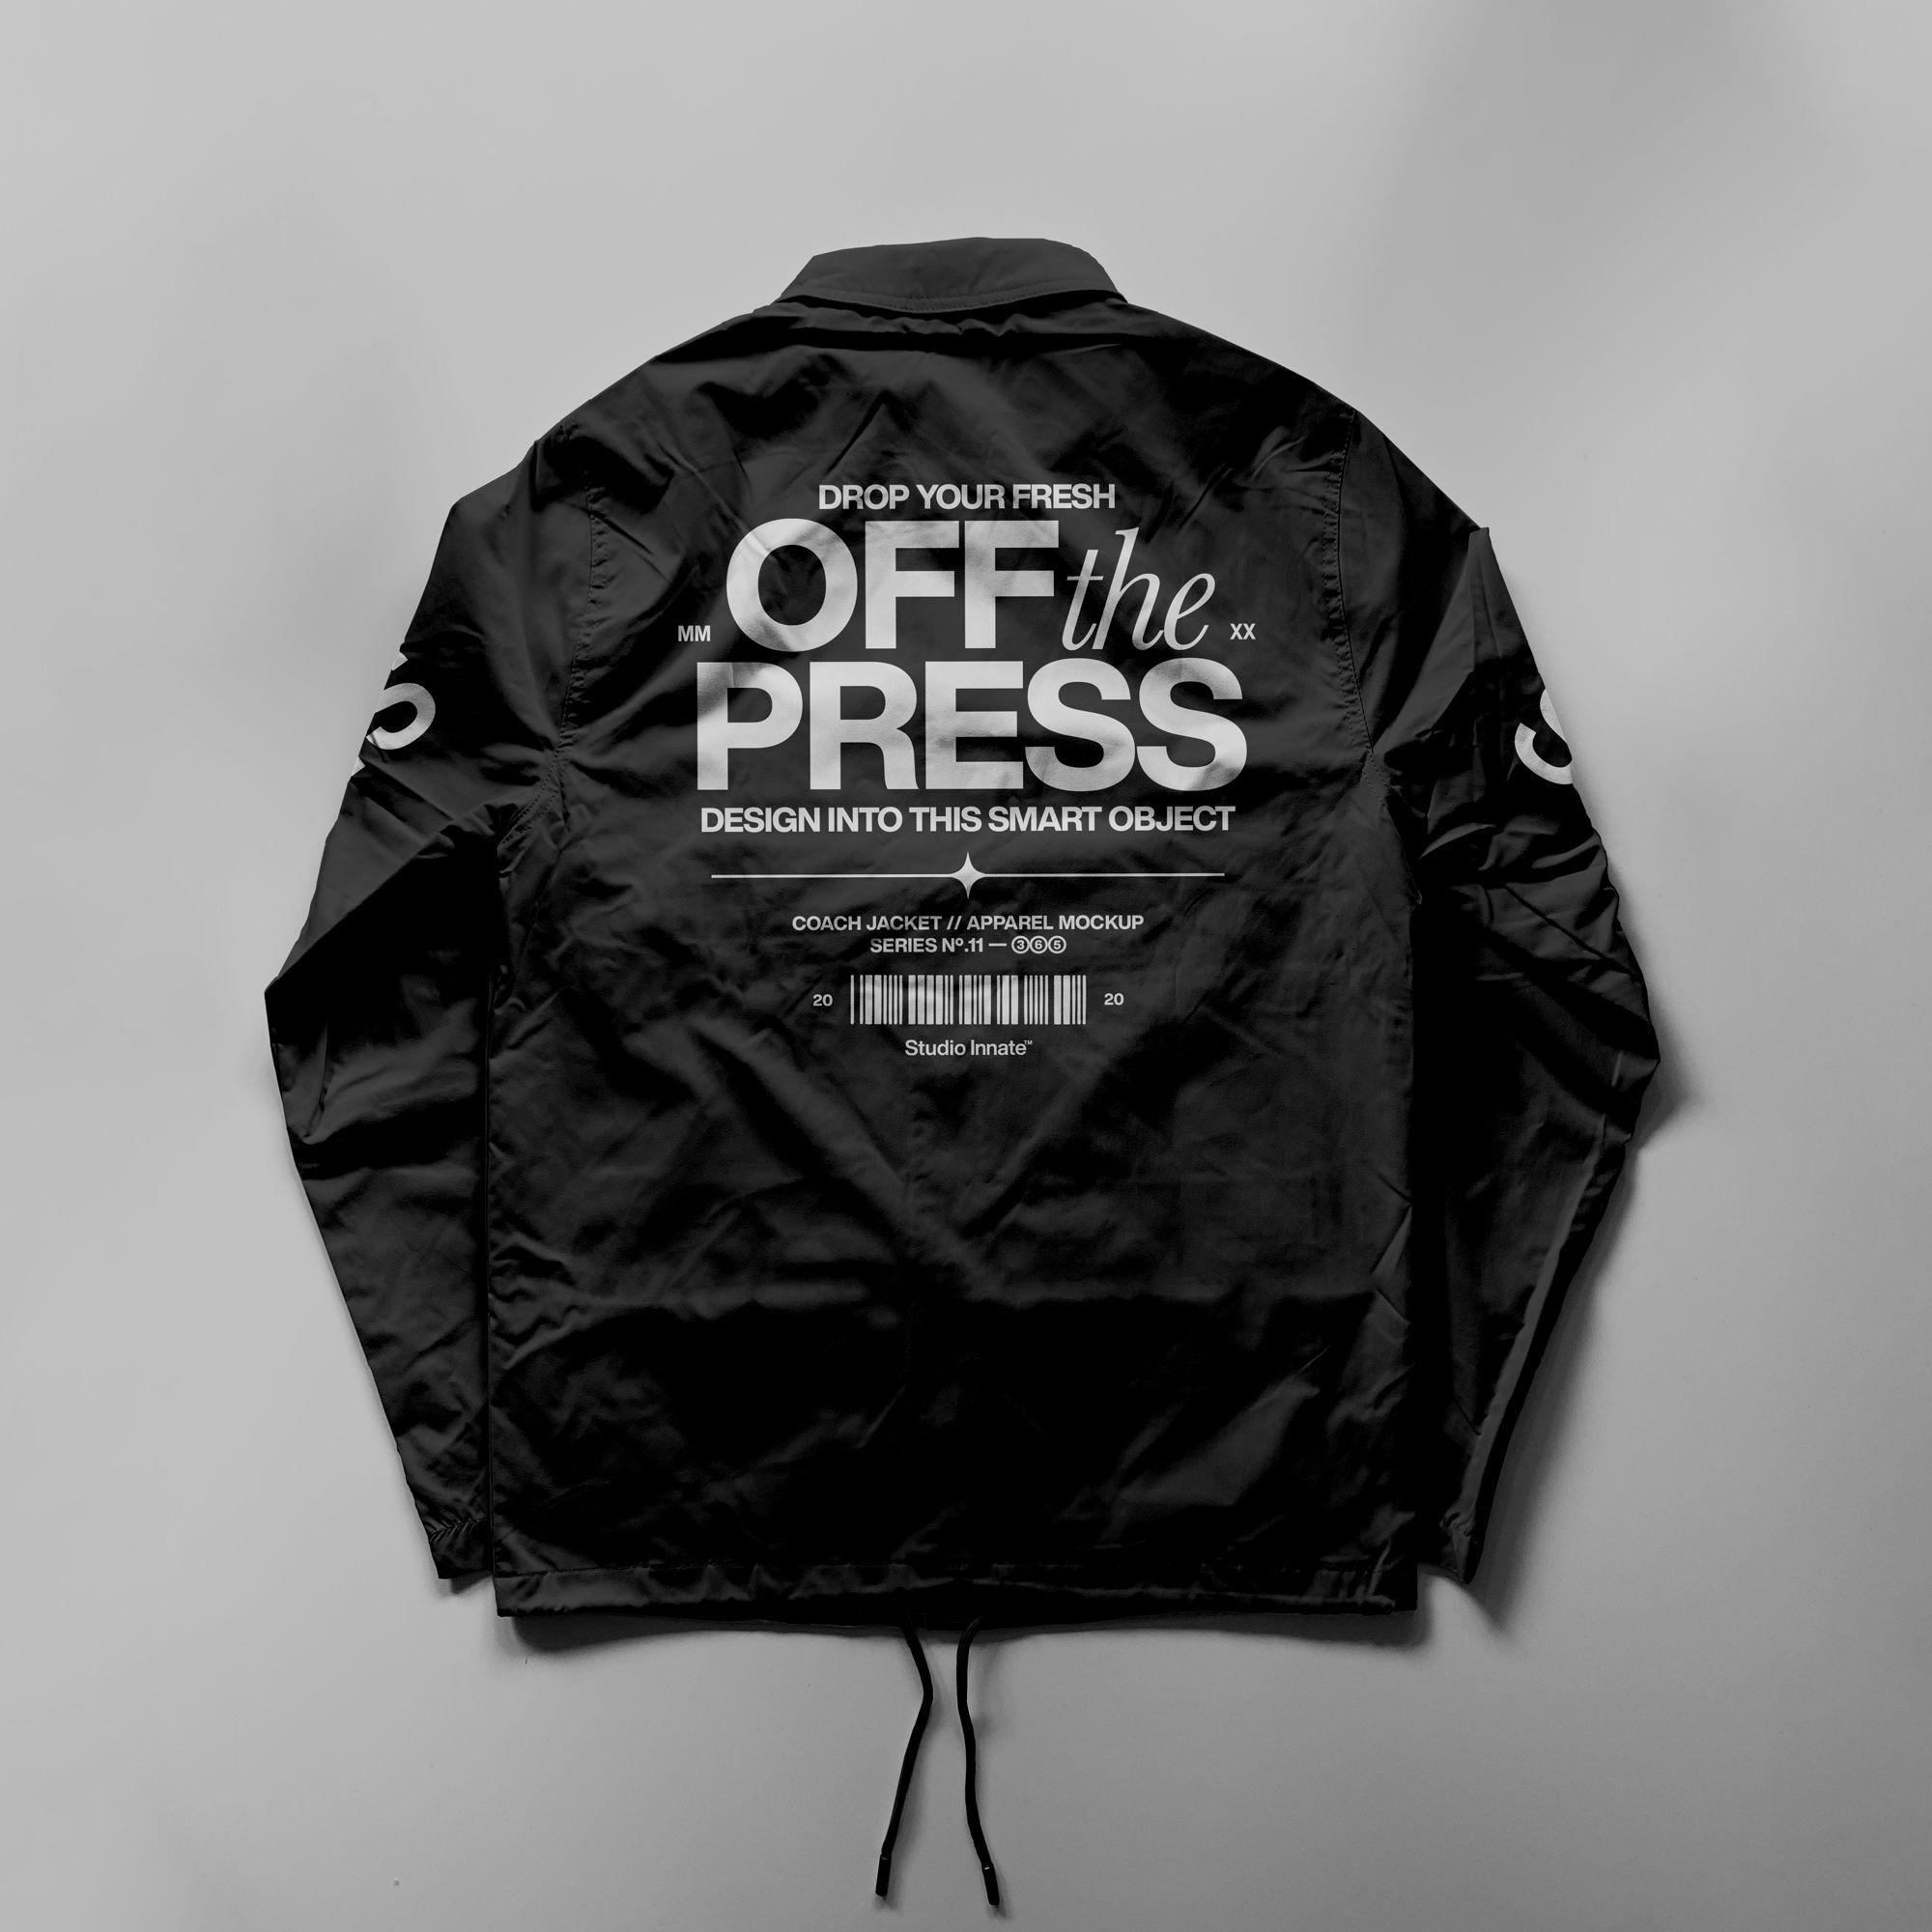 教练长袖夹克衫设计展示样机模板合集 Coach Jacket – Mockup Bundle插图